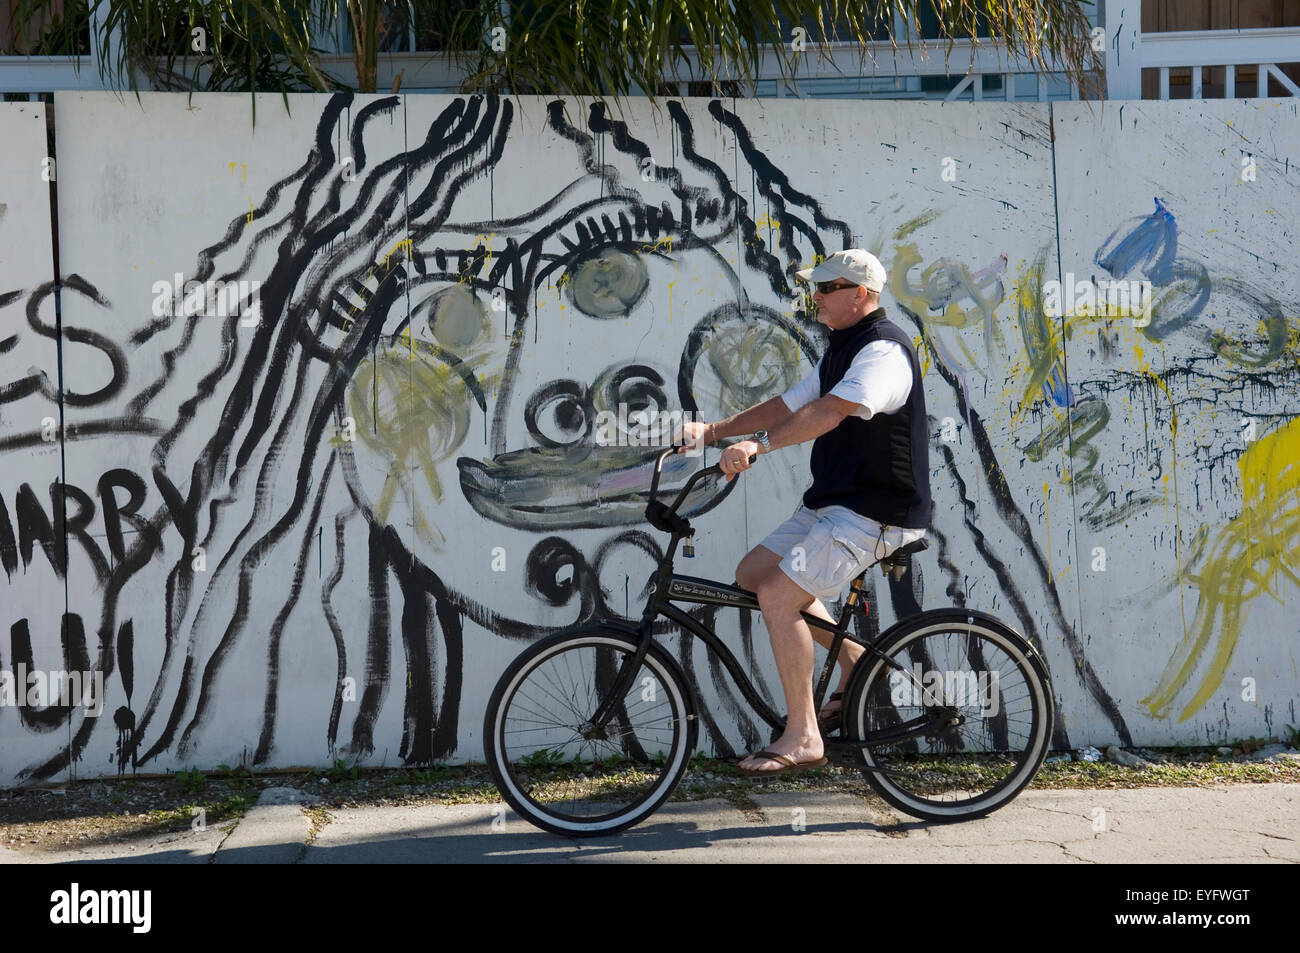 Graffiti wall usa - Stock Photo Usa Florida Keys Male Cyclist Passes Graffiti Wall Key West